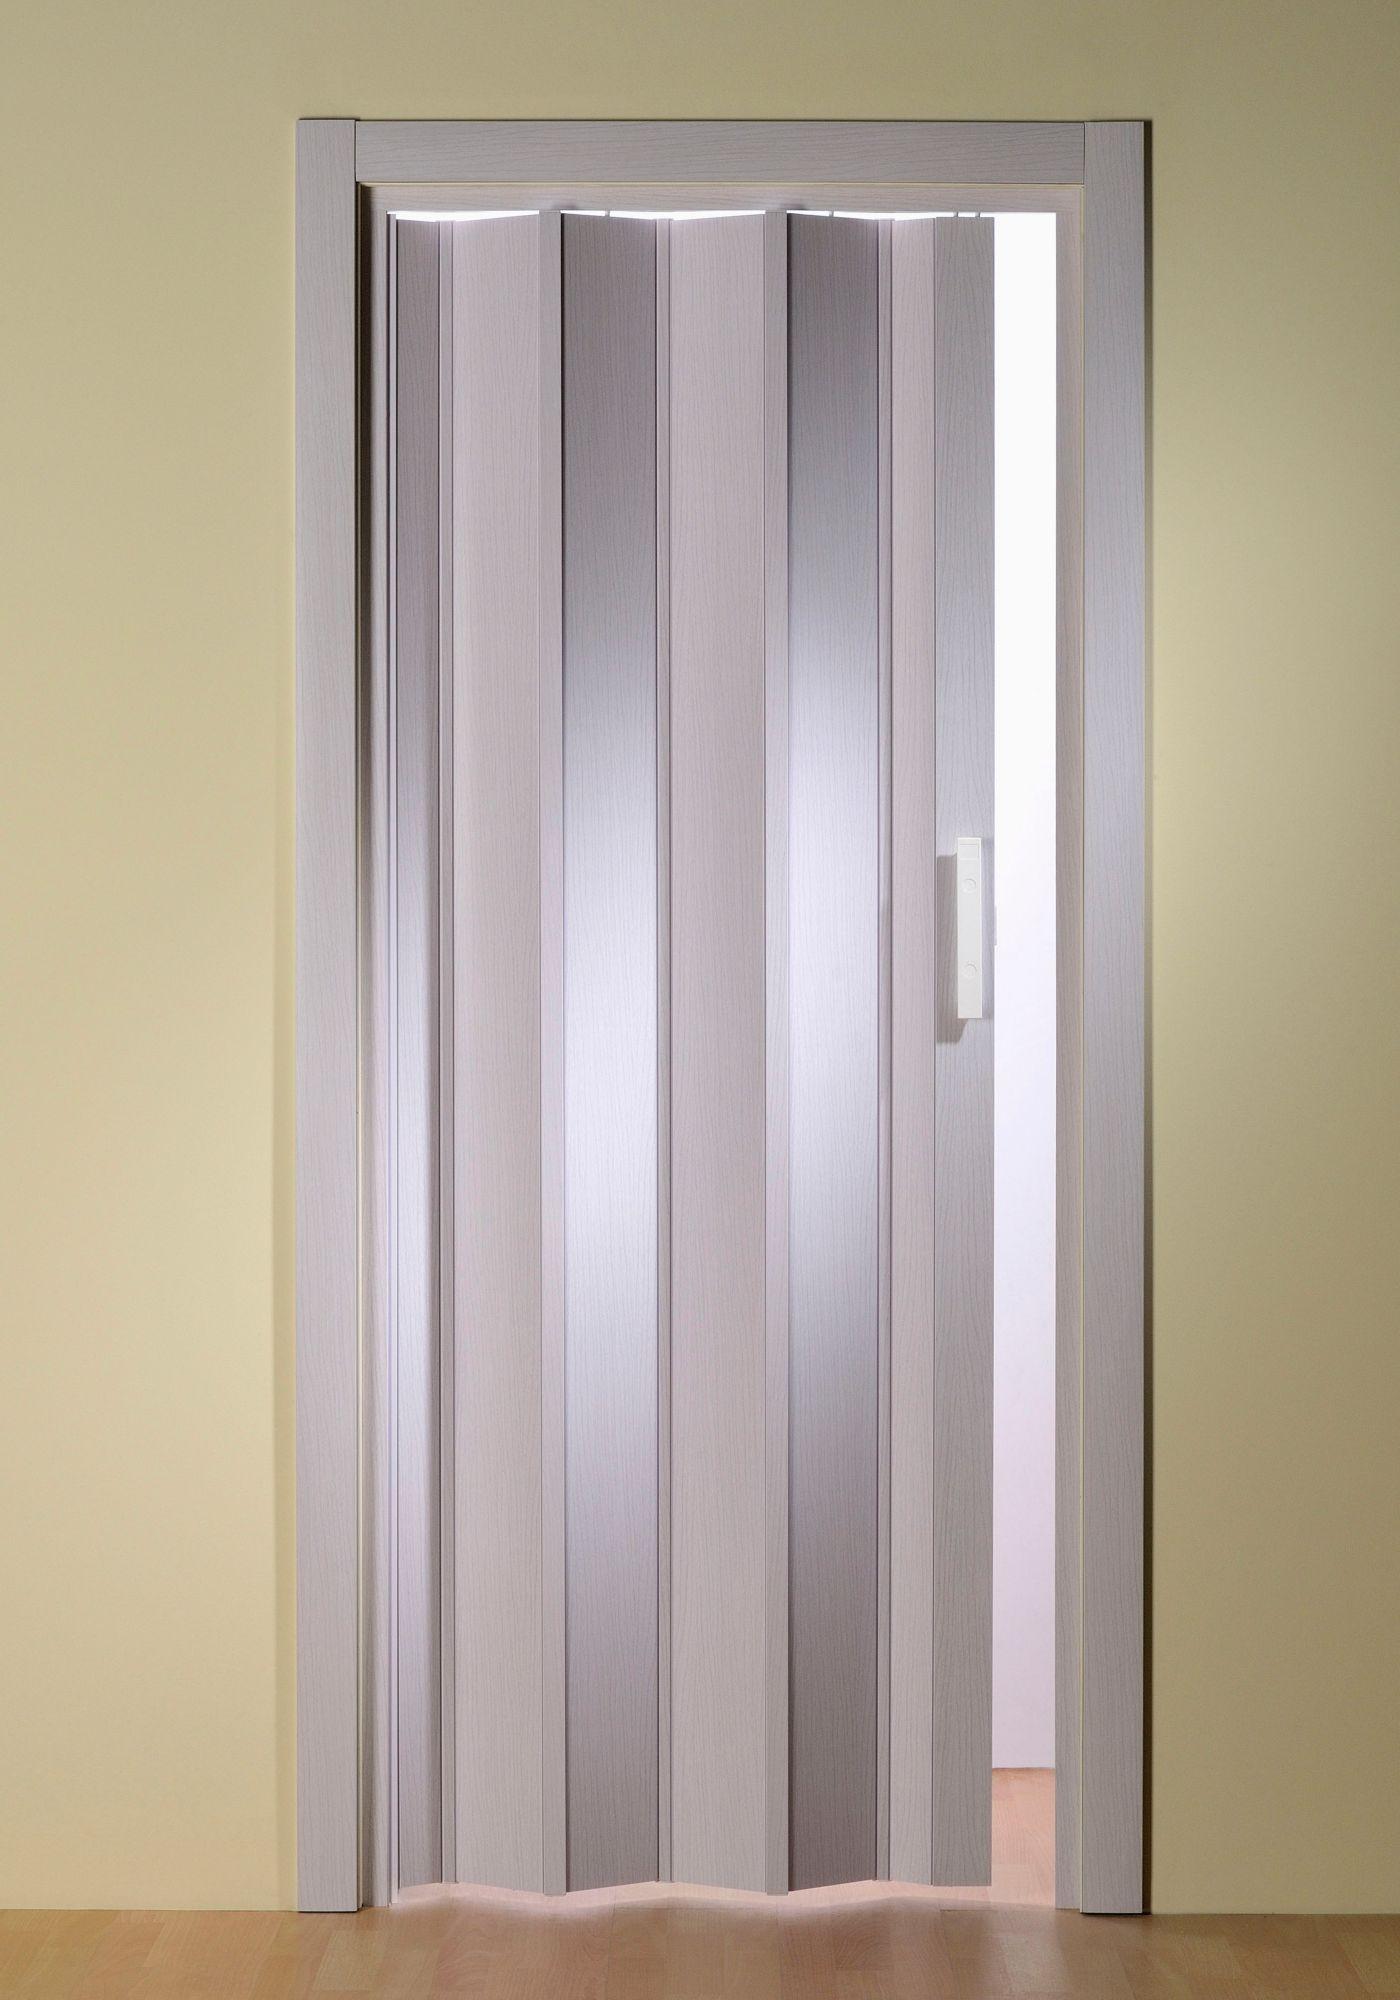 Kunststoff-Falttür »Luciana«, BxH: 88,5x202 cm, Esche weiß ohne Fenster